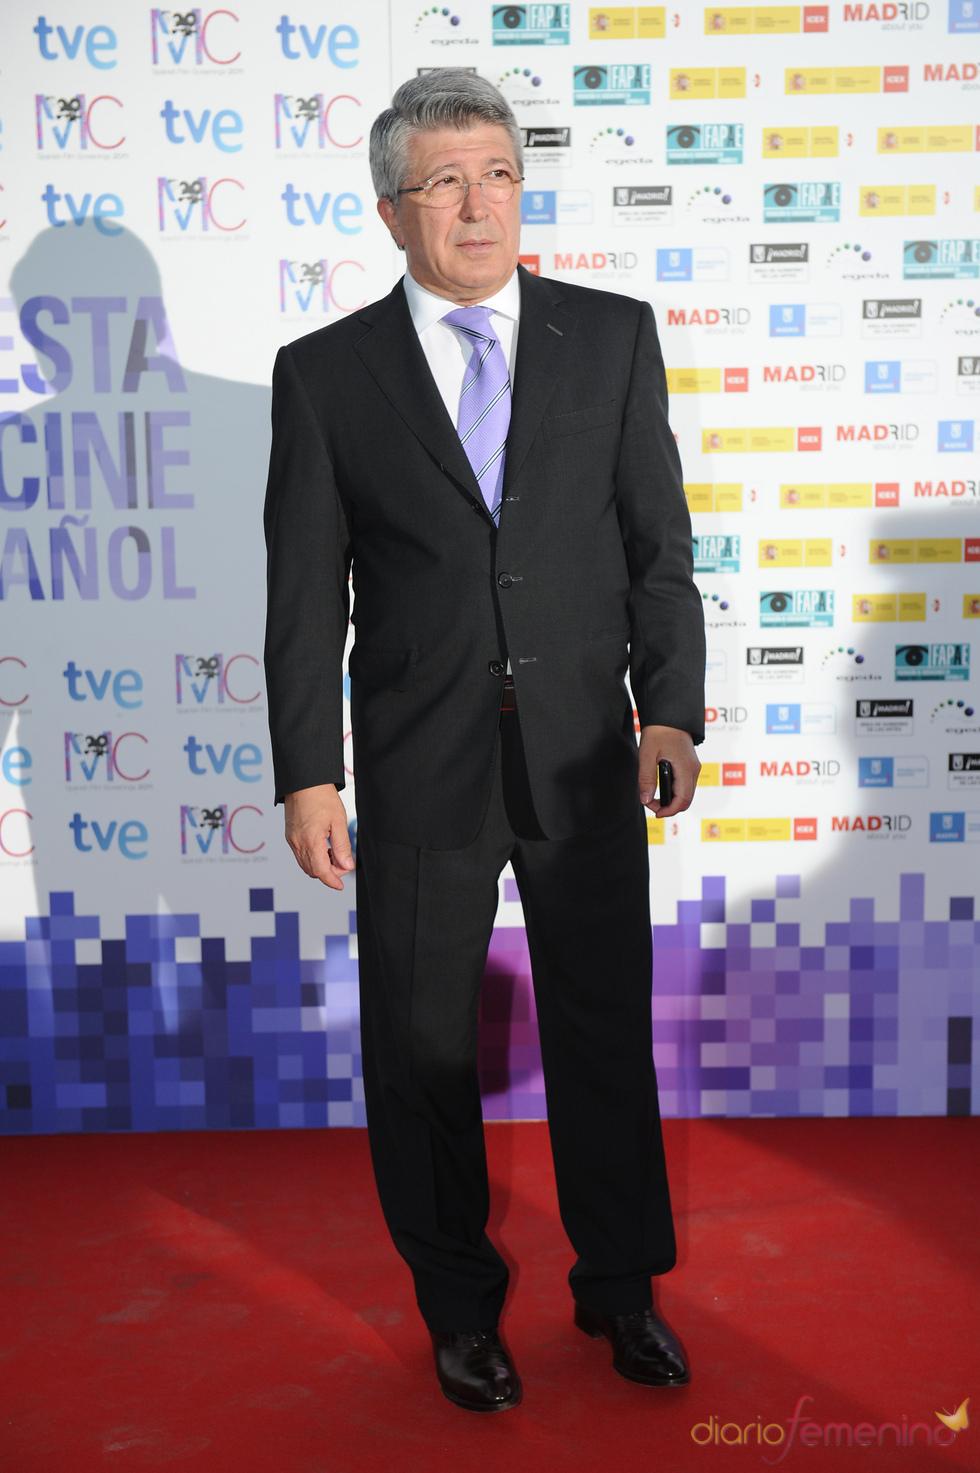 Enrique Cerezo en la Fiesta del Cine español